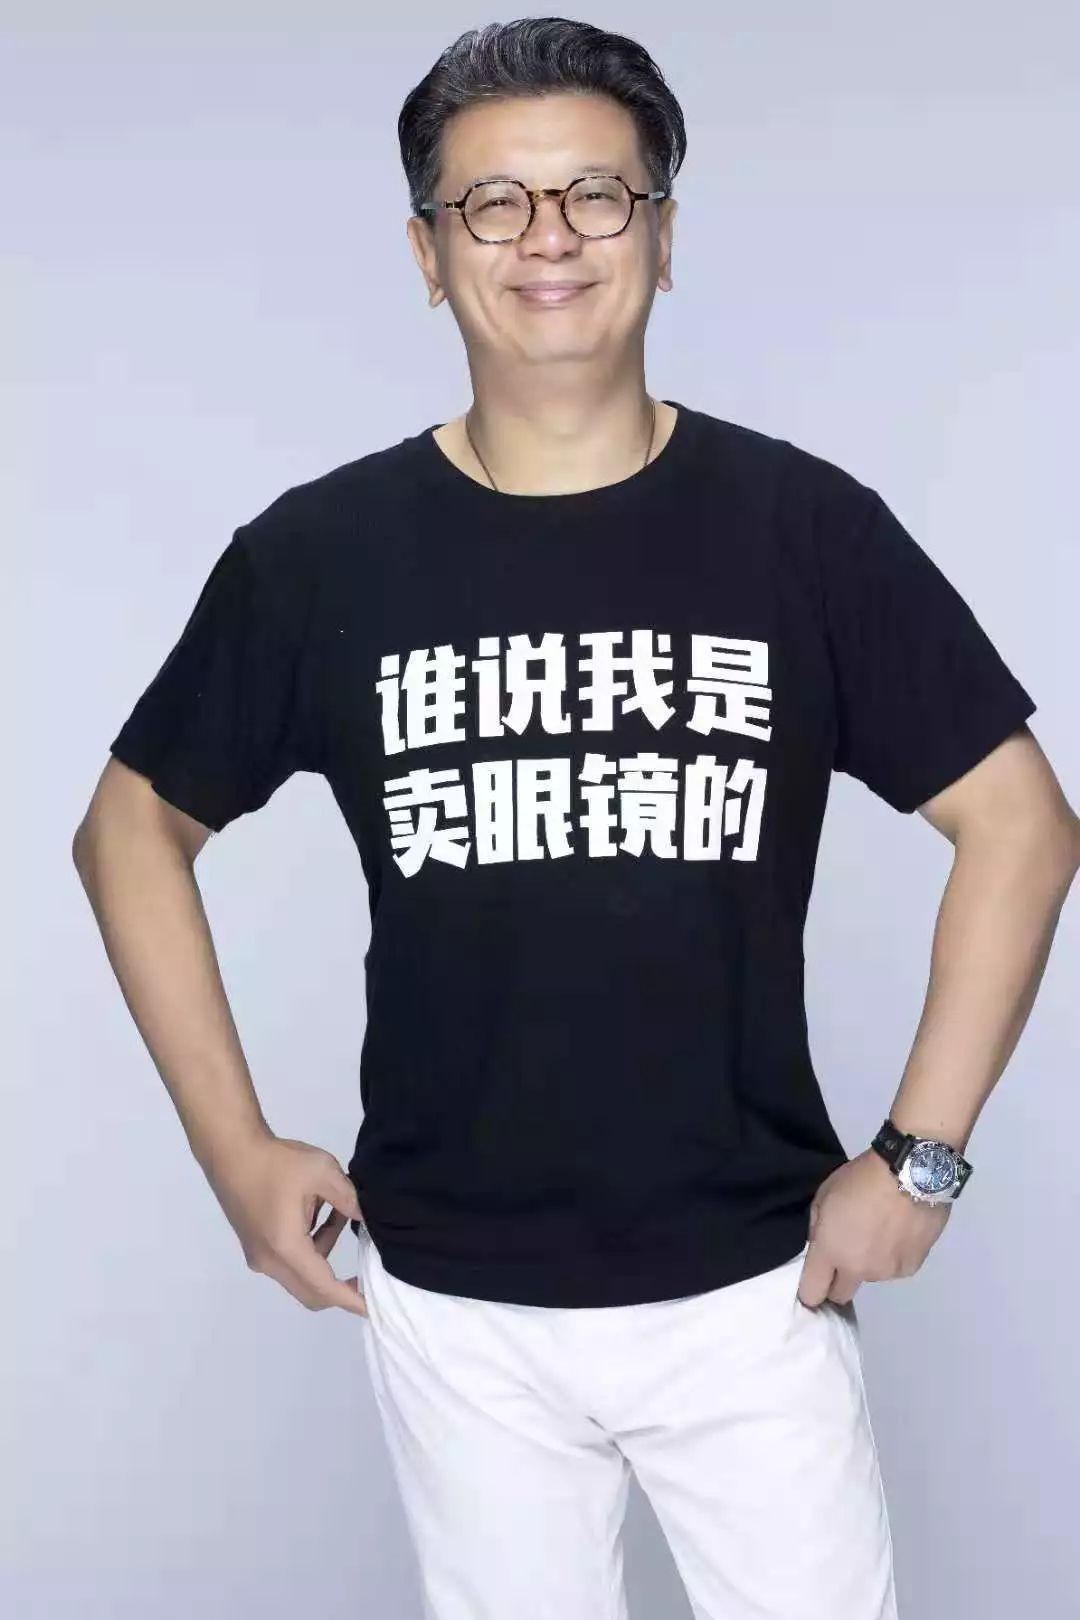 人物   王智民:我贩卖的不是眼镜,是对商业的洞察